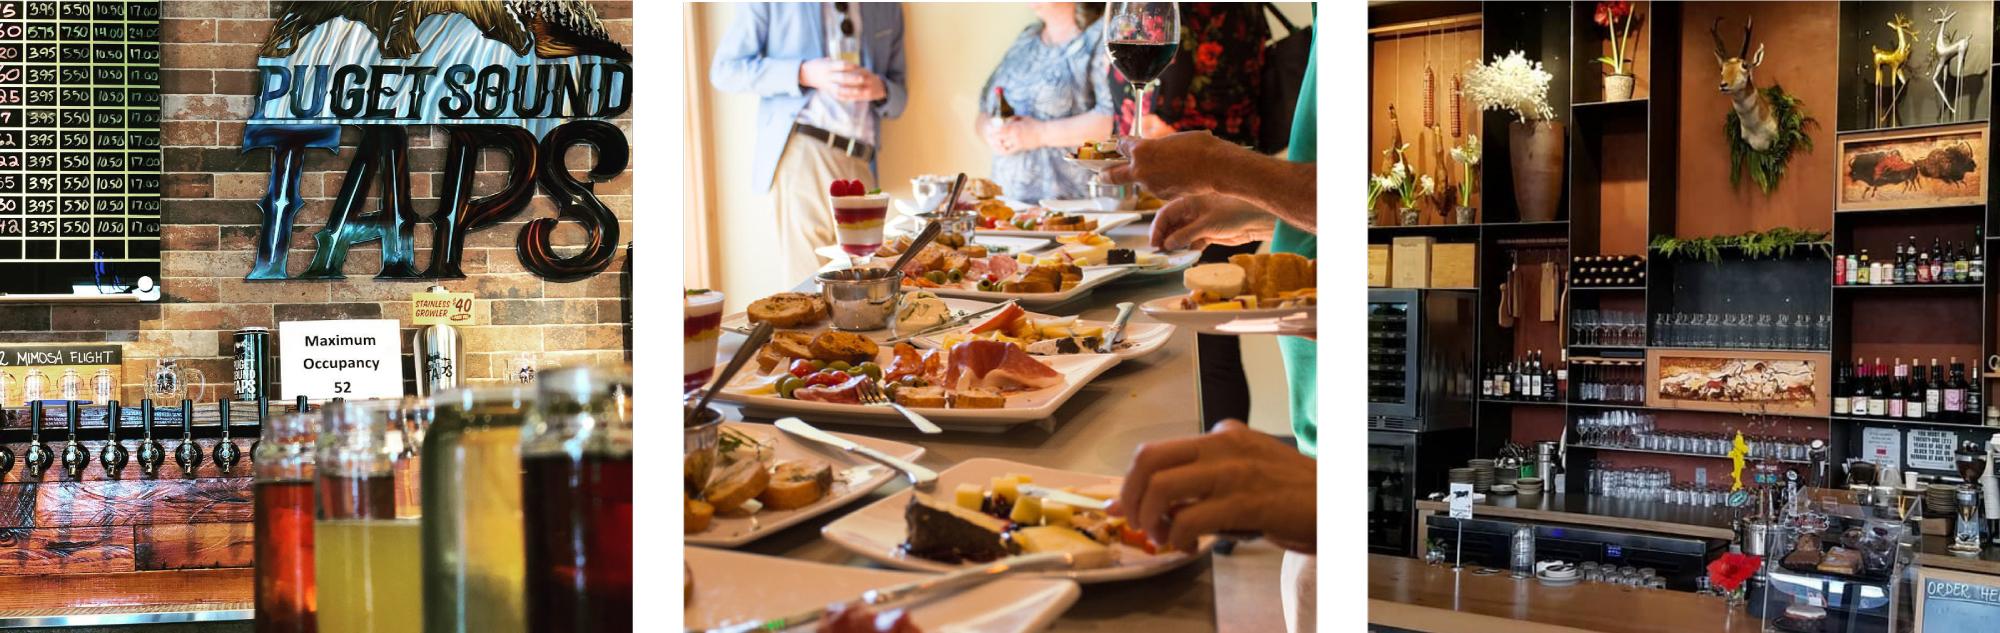 Food-wine-Lifestyle-Tab-Headers.jpg